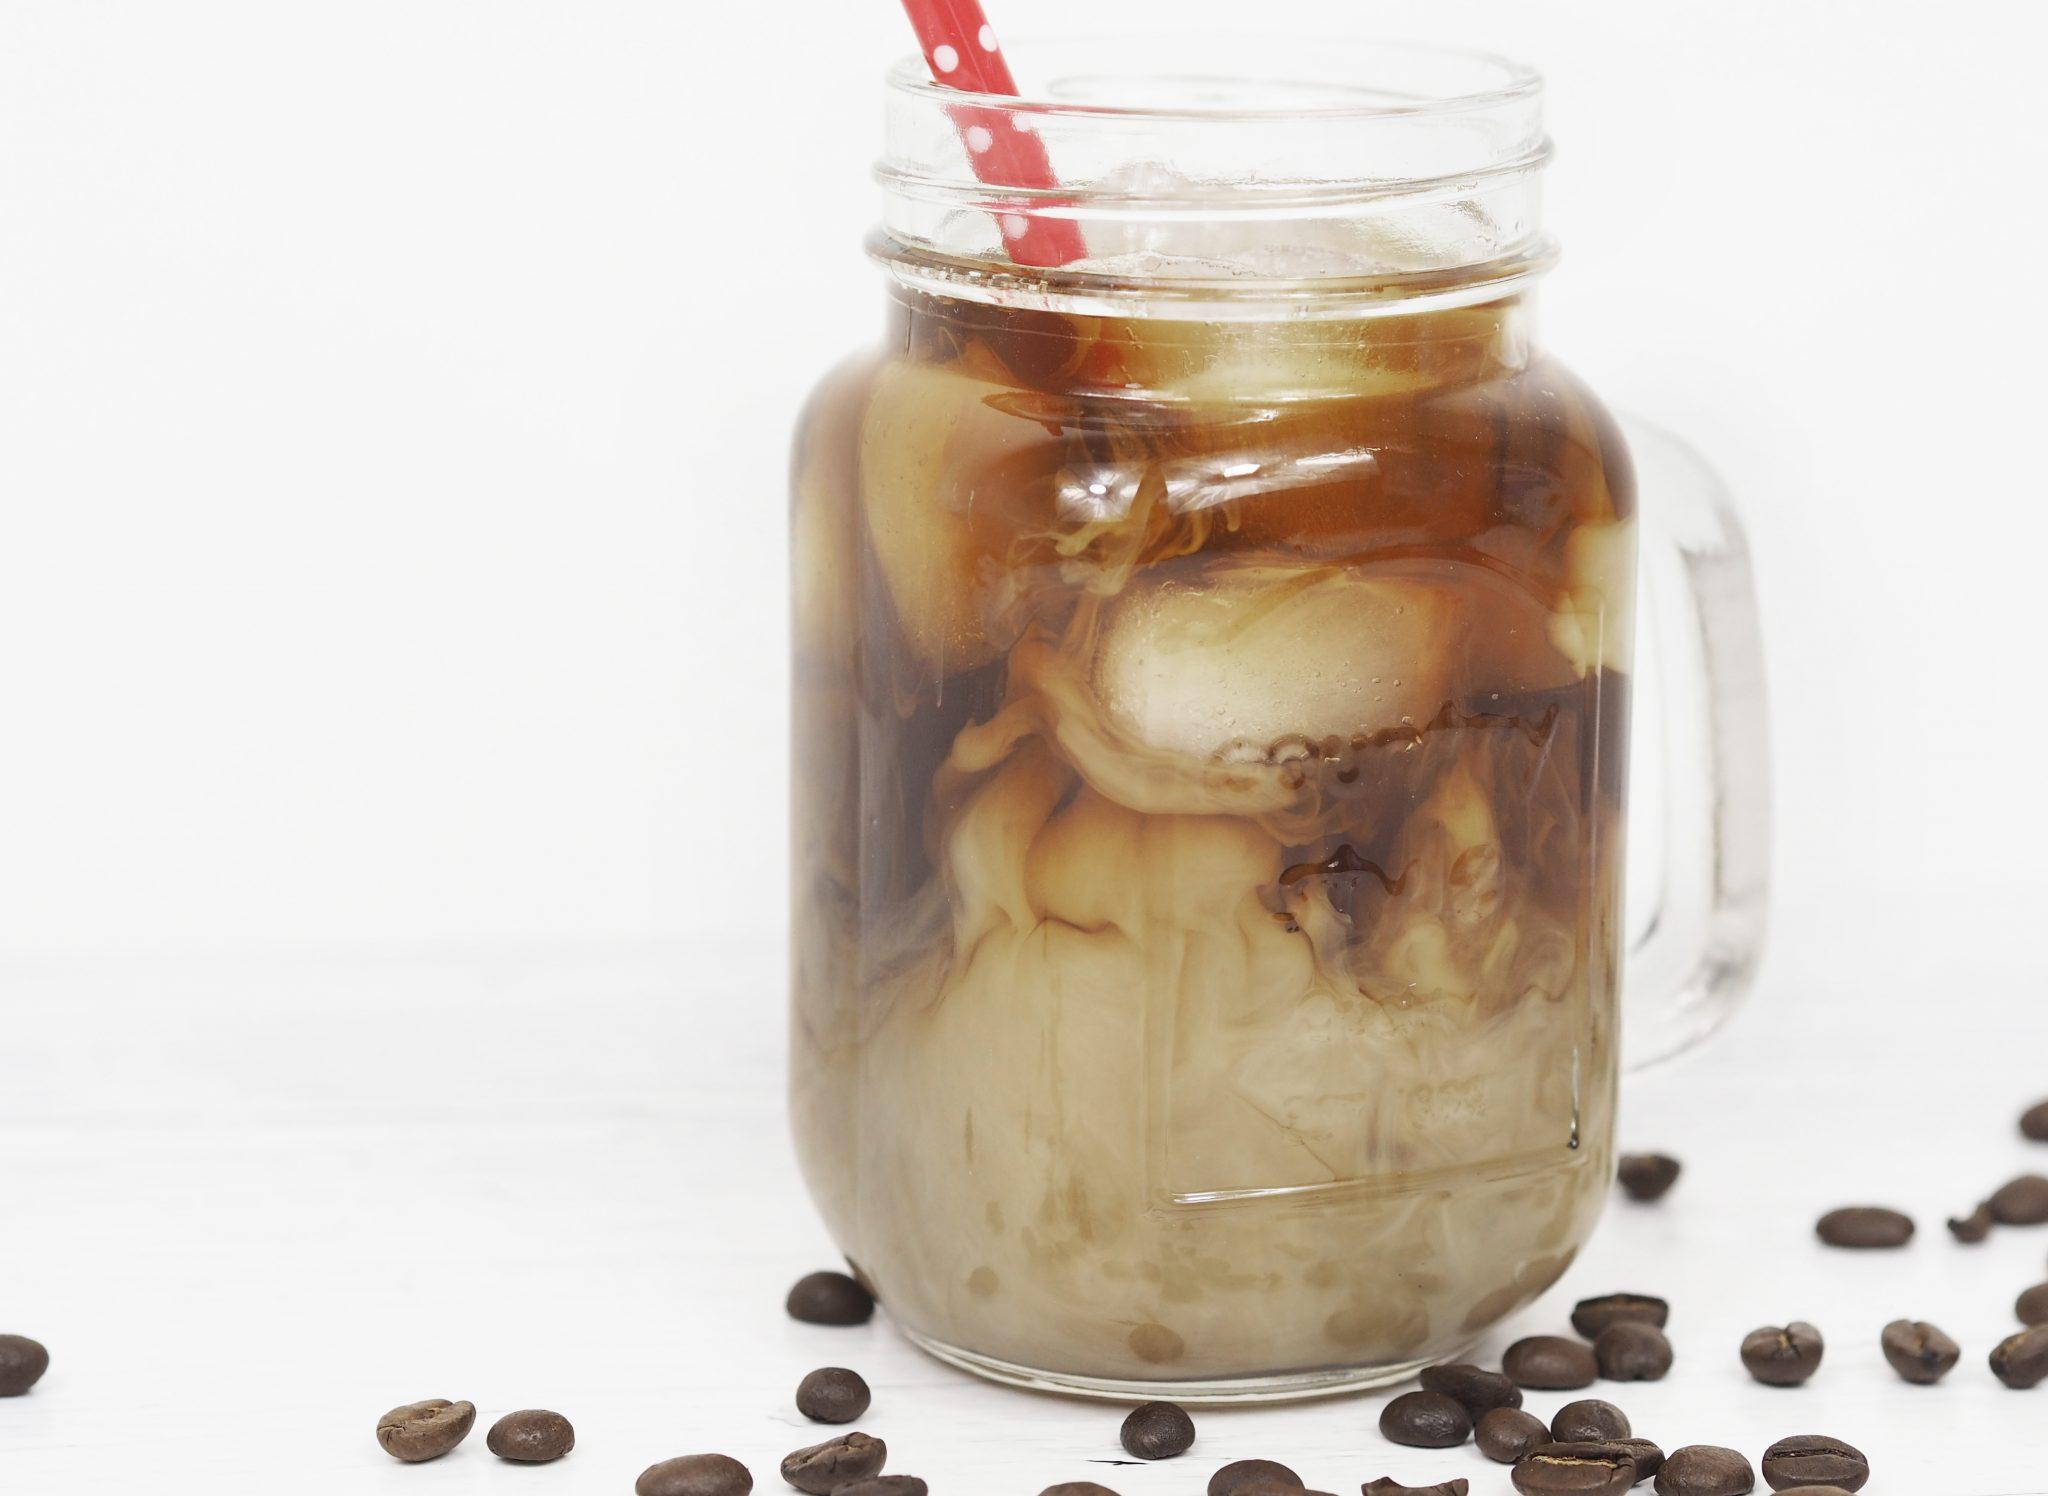 P7060306Galerie - Mit Eiskaffee fit und erfrischt in den Sommer